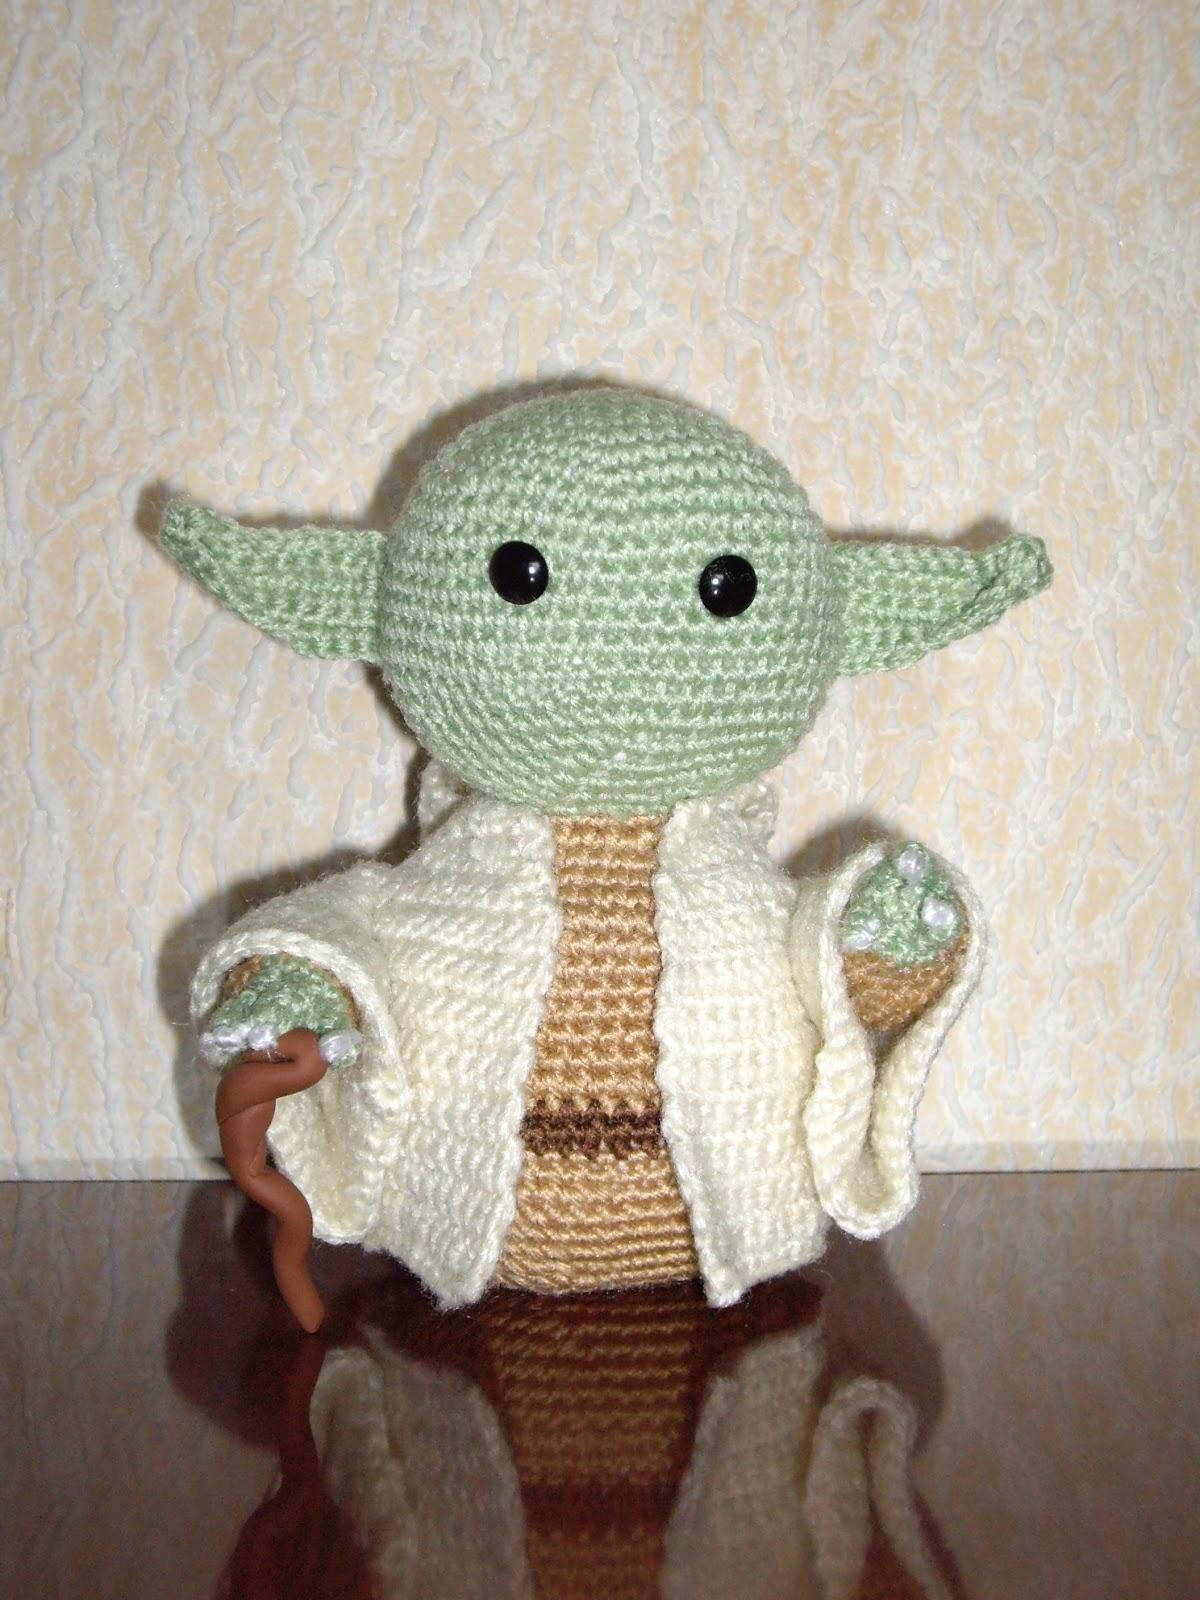 Jedi Master Yoda Amigurumi Pattern : Abuelita Rapta Ninos: Yoda Amigurumi